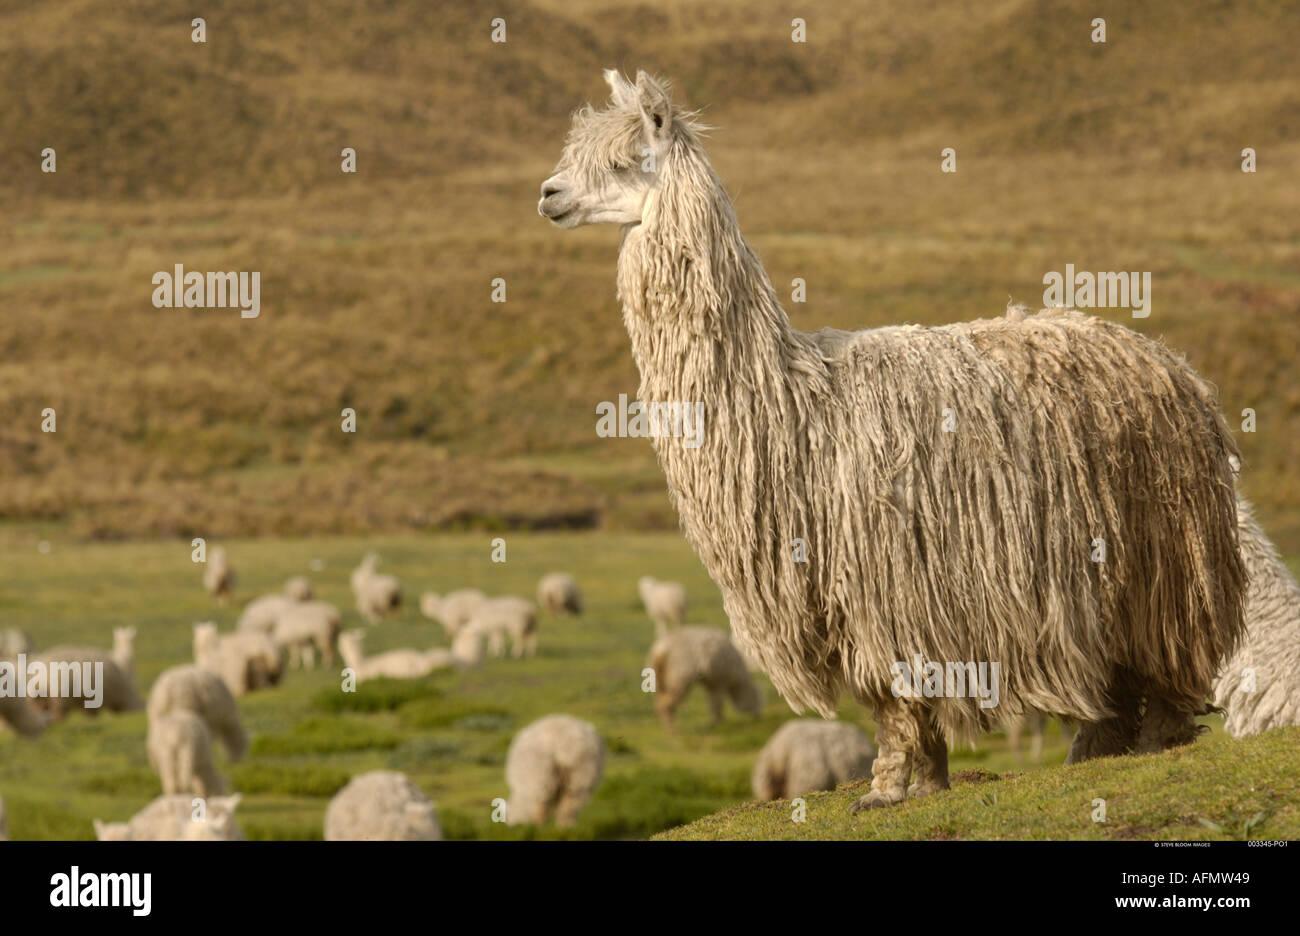 Alpaca Suri a long haired breed of alpaca base of Cotopaxi Volcano Andes Ecuador South America Stock Photo